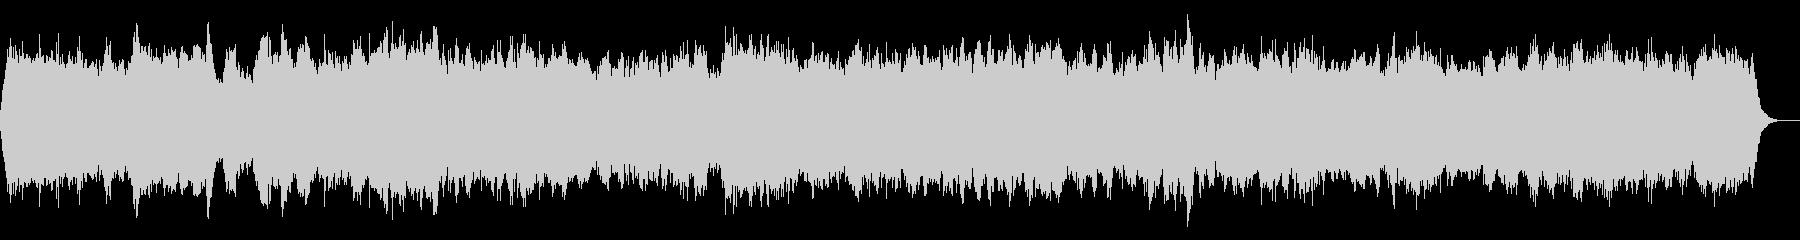 バッハのようなパイプオルガンの壮大な曲の未再生の波形